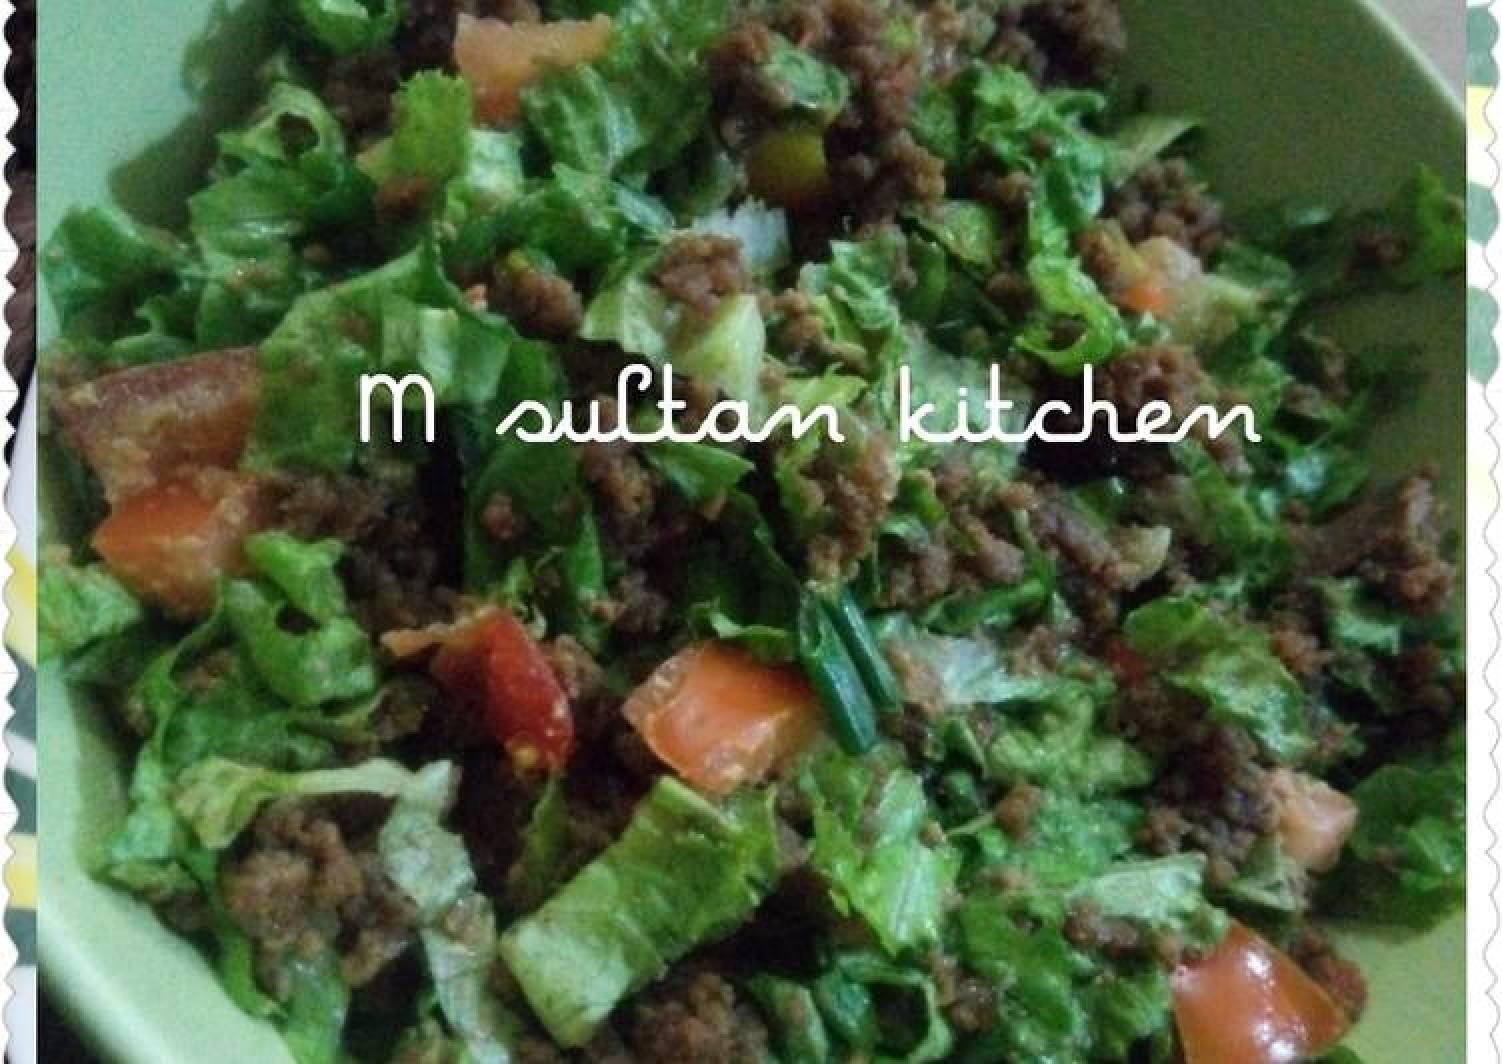 Kwadon lettuce da kuli